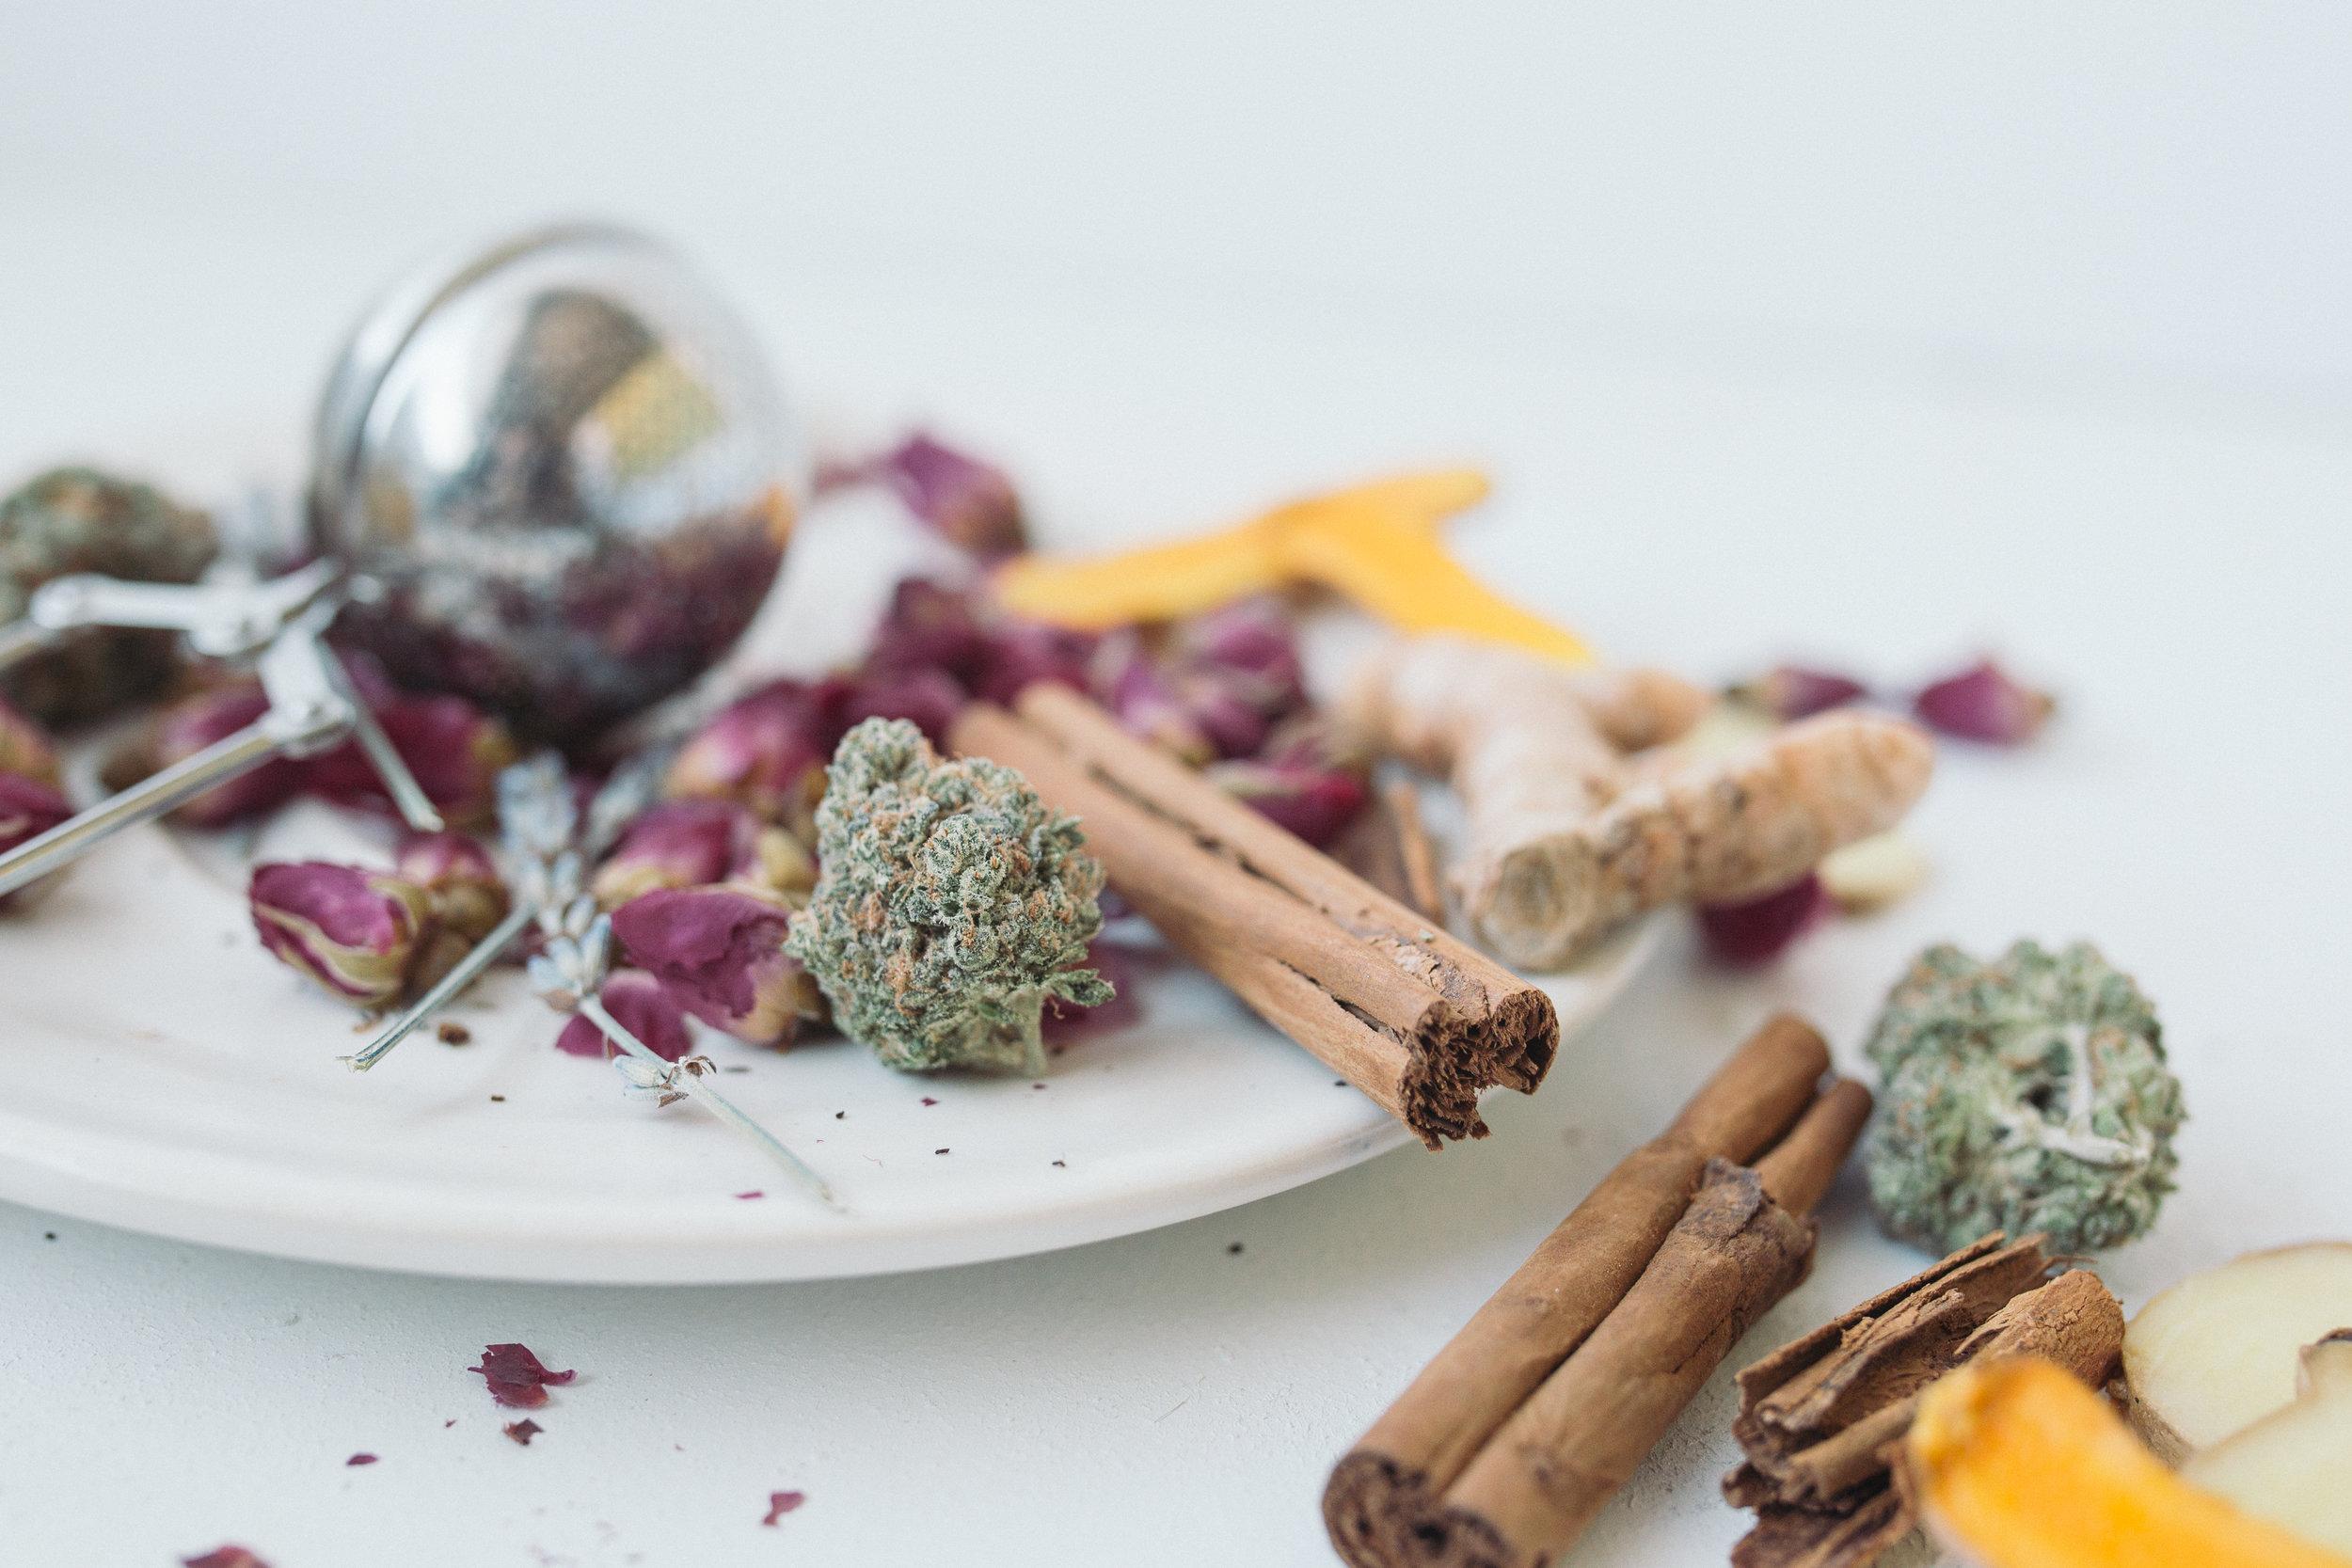 SousWeed_Leafly_CannabisTea-6189.jpg